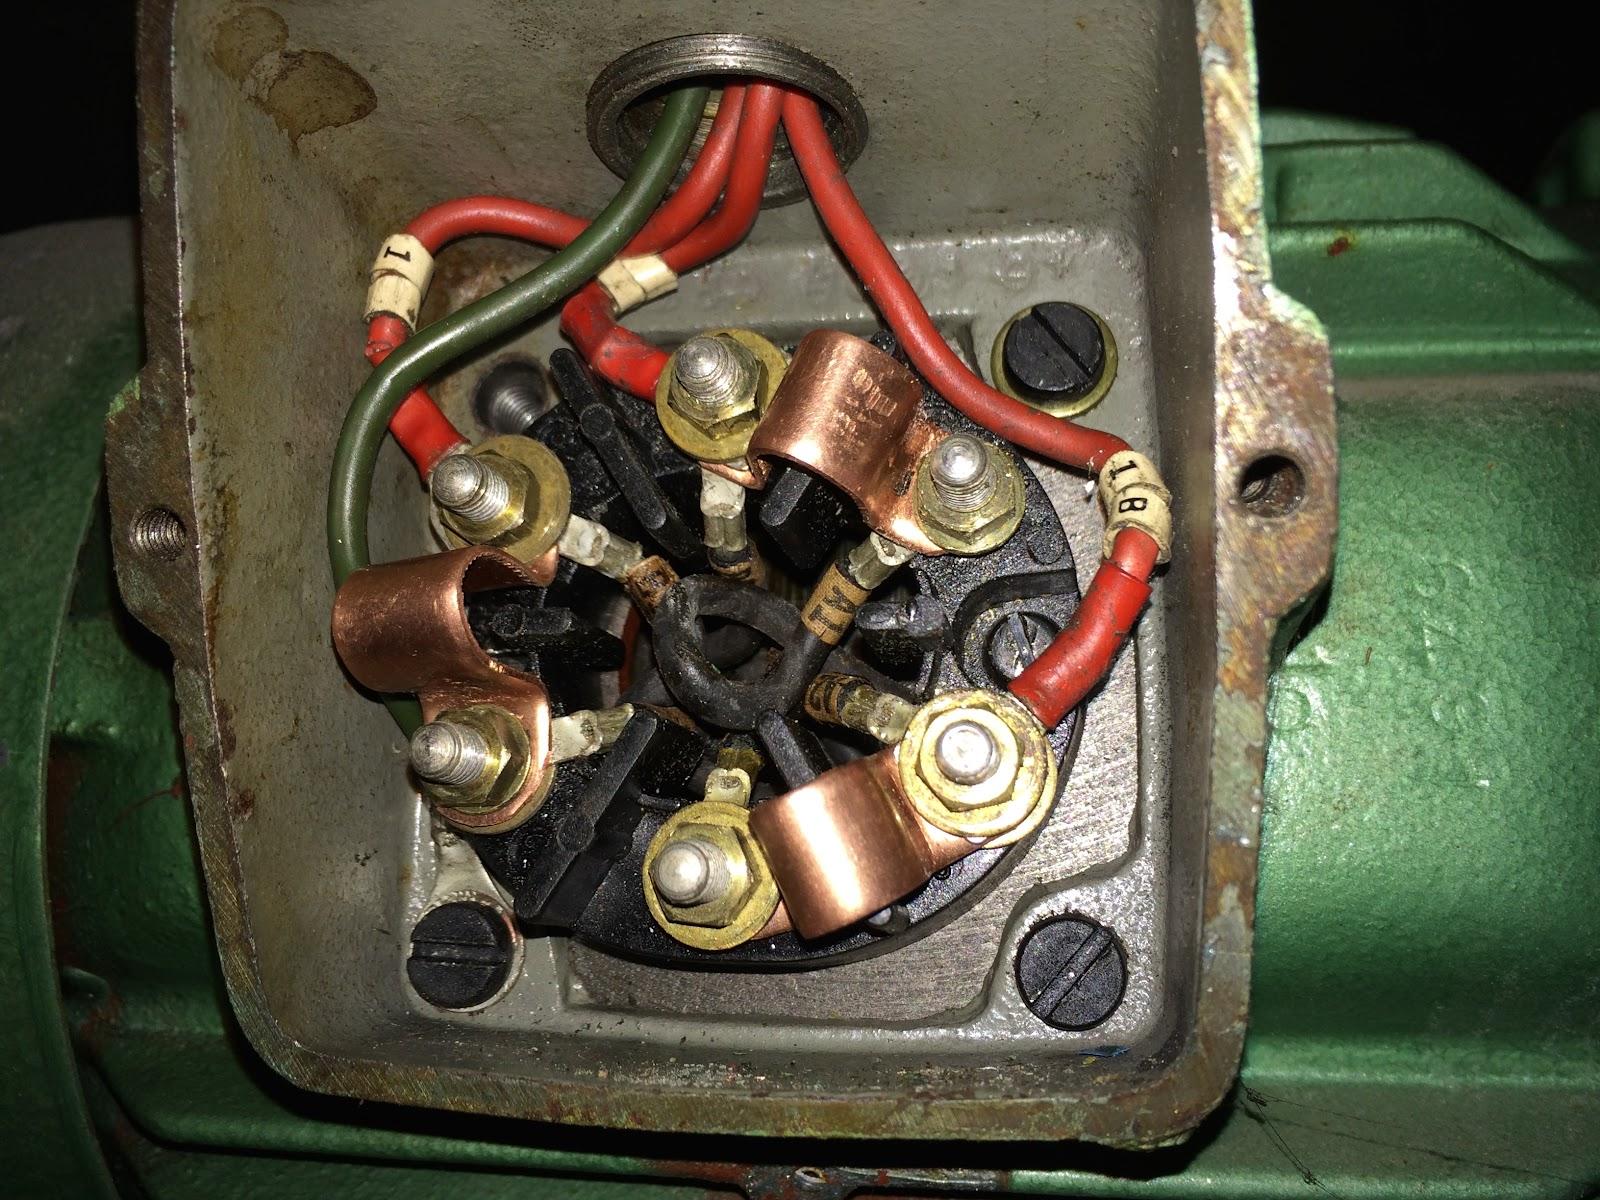 Motor Star Wiring Diagram In Addition Wye Delta Motor Control Diagram